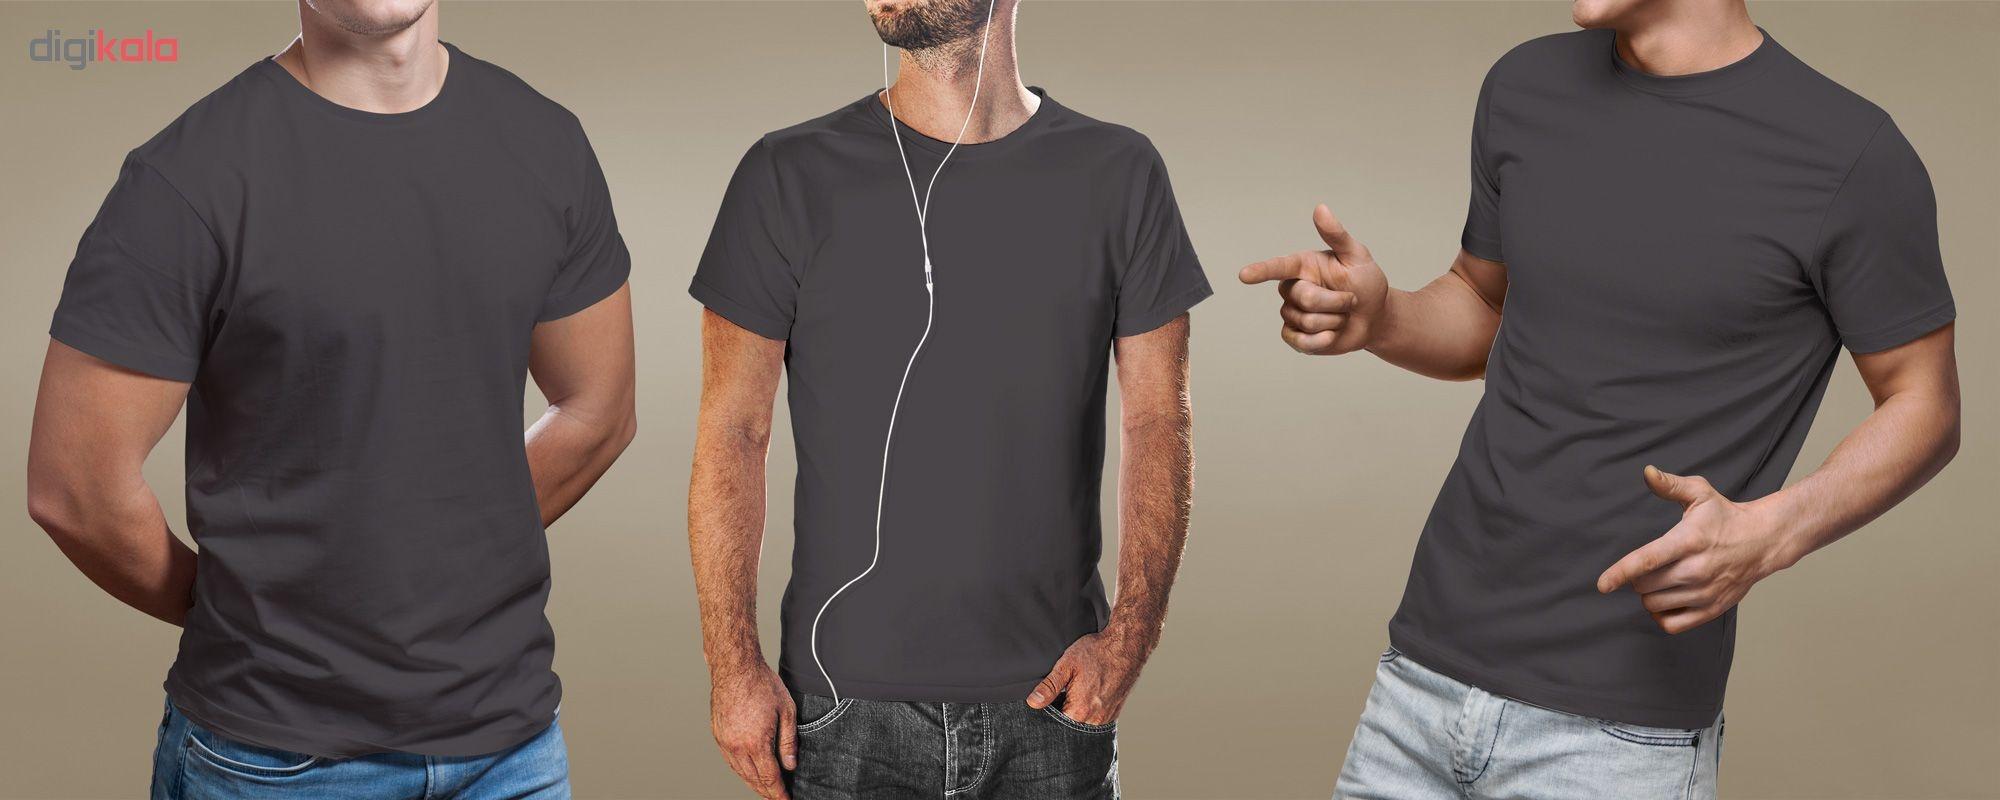 تیشرت آستین کوتاه مردانه فروشگاه دی سی کد DC-1PGY رنگ نوک مدادی main 1 2